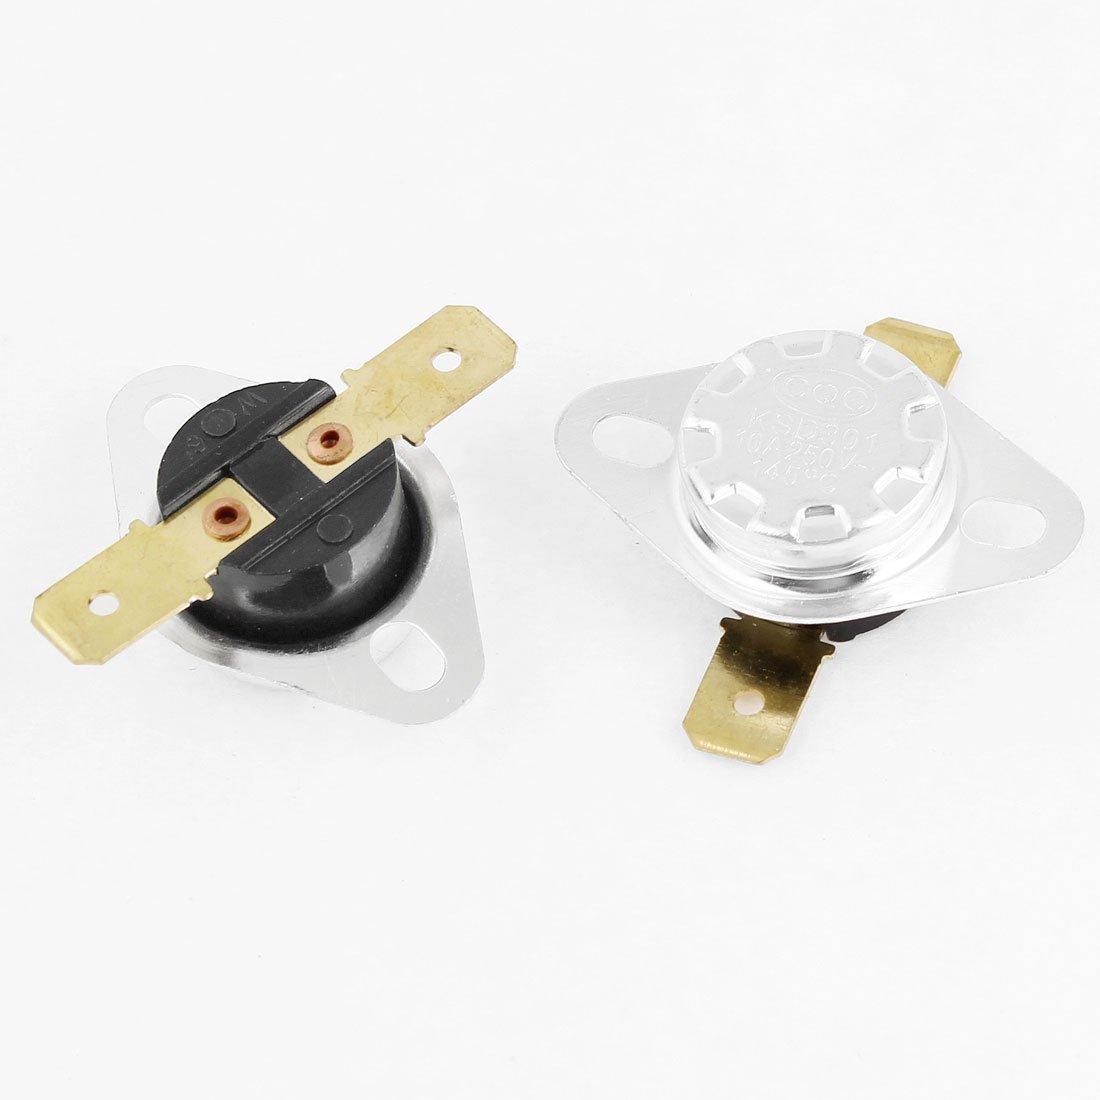 Thermostat 95 Celsius N.C 2pcs 250V 10A Dasket Commutateur /à temp/érature contr/ôl/ée KSD301